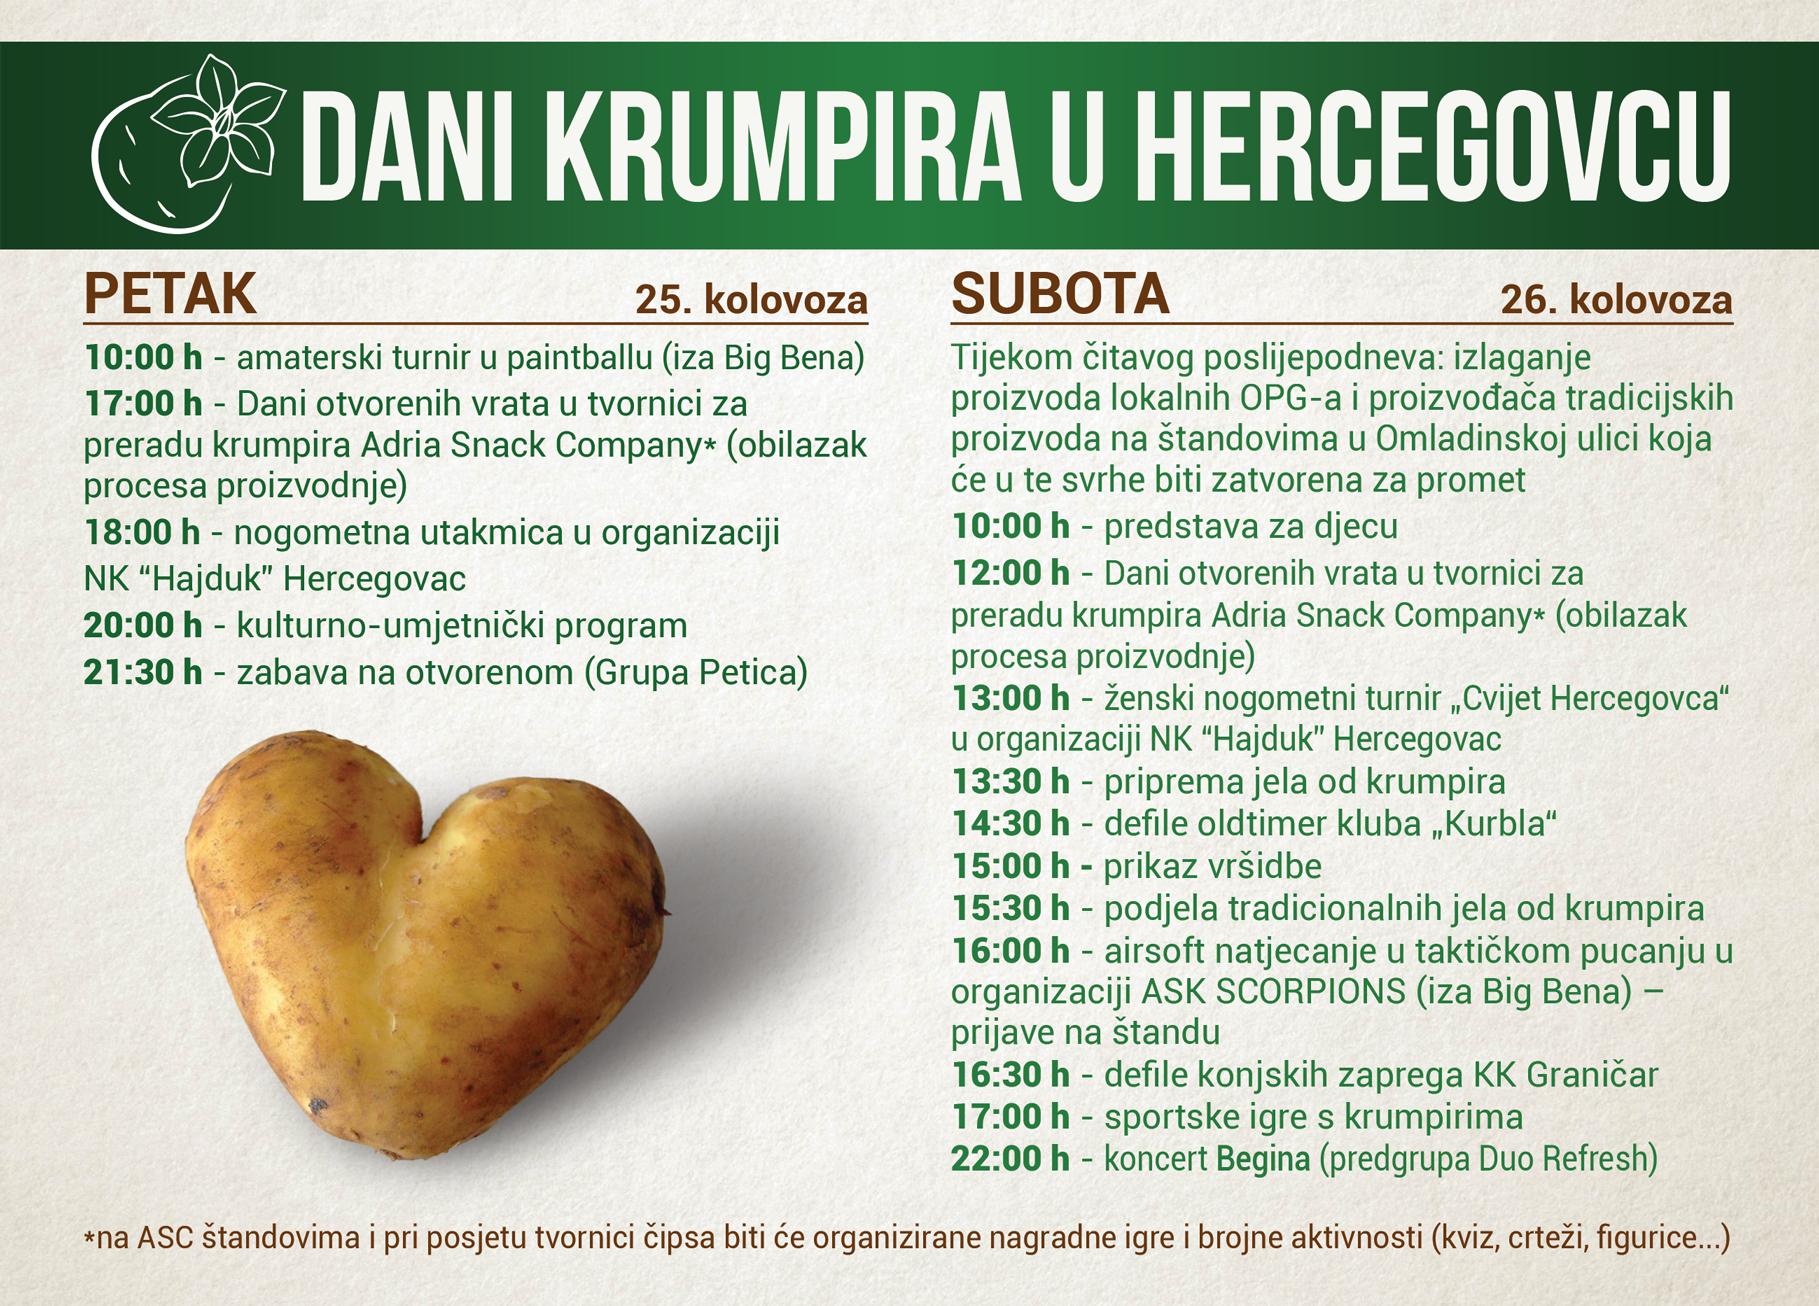 DANI KRUMPIRA U HERCEGOVCU - spoj gastronomije, kulture i zabave